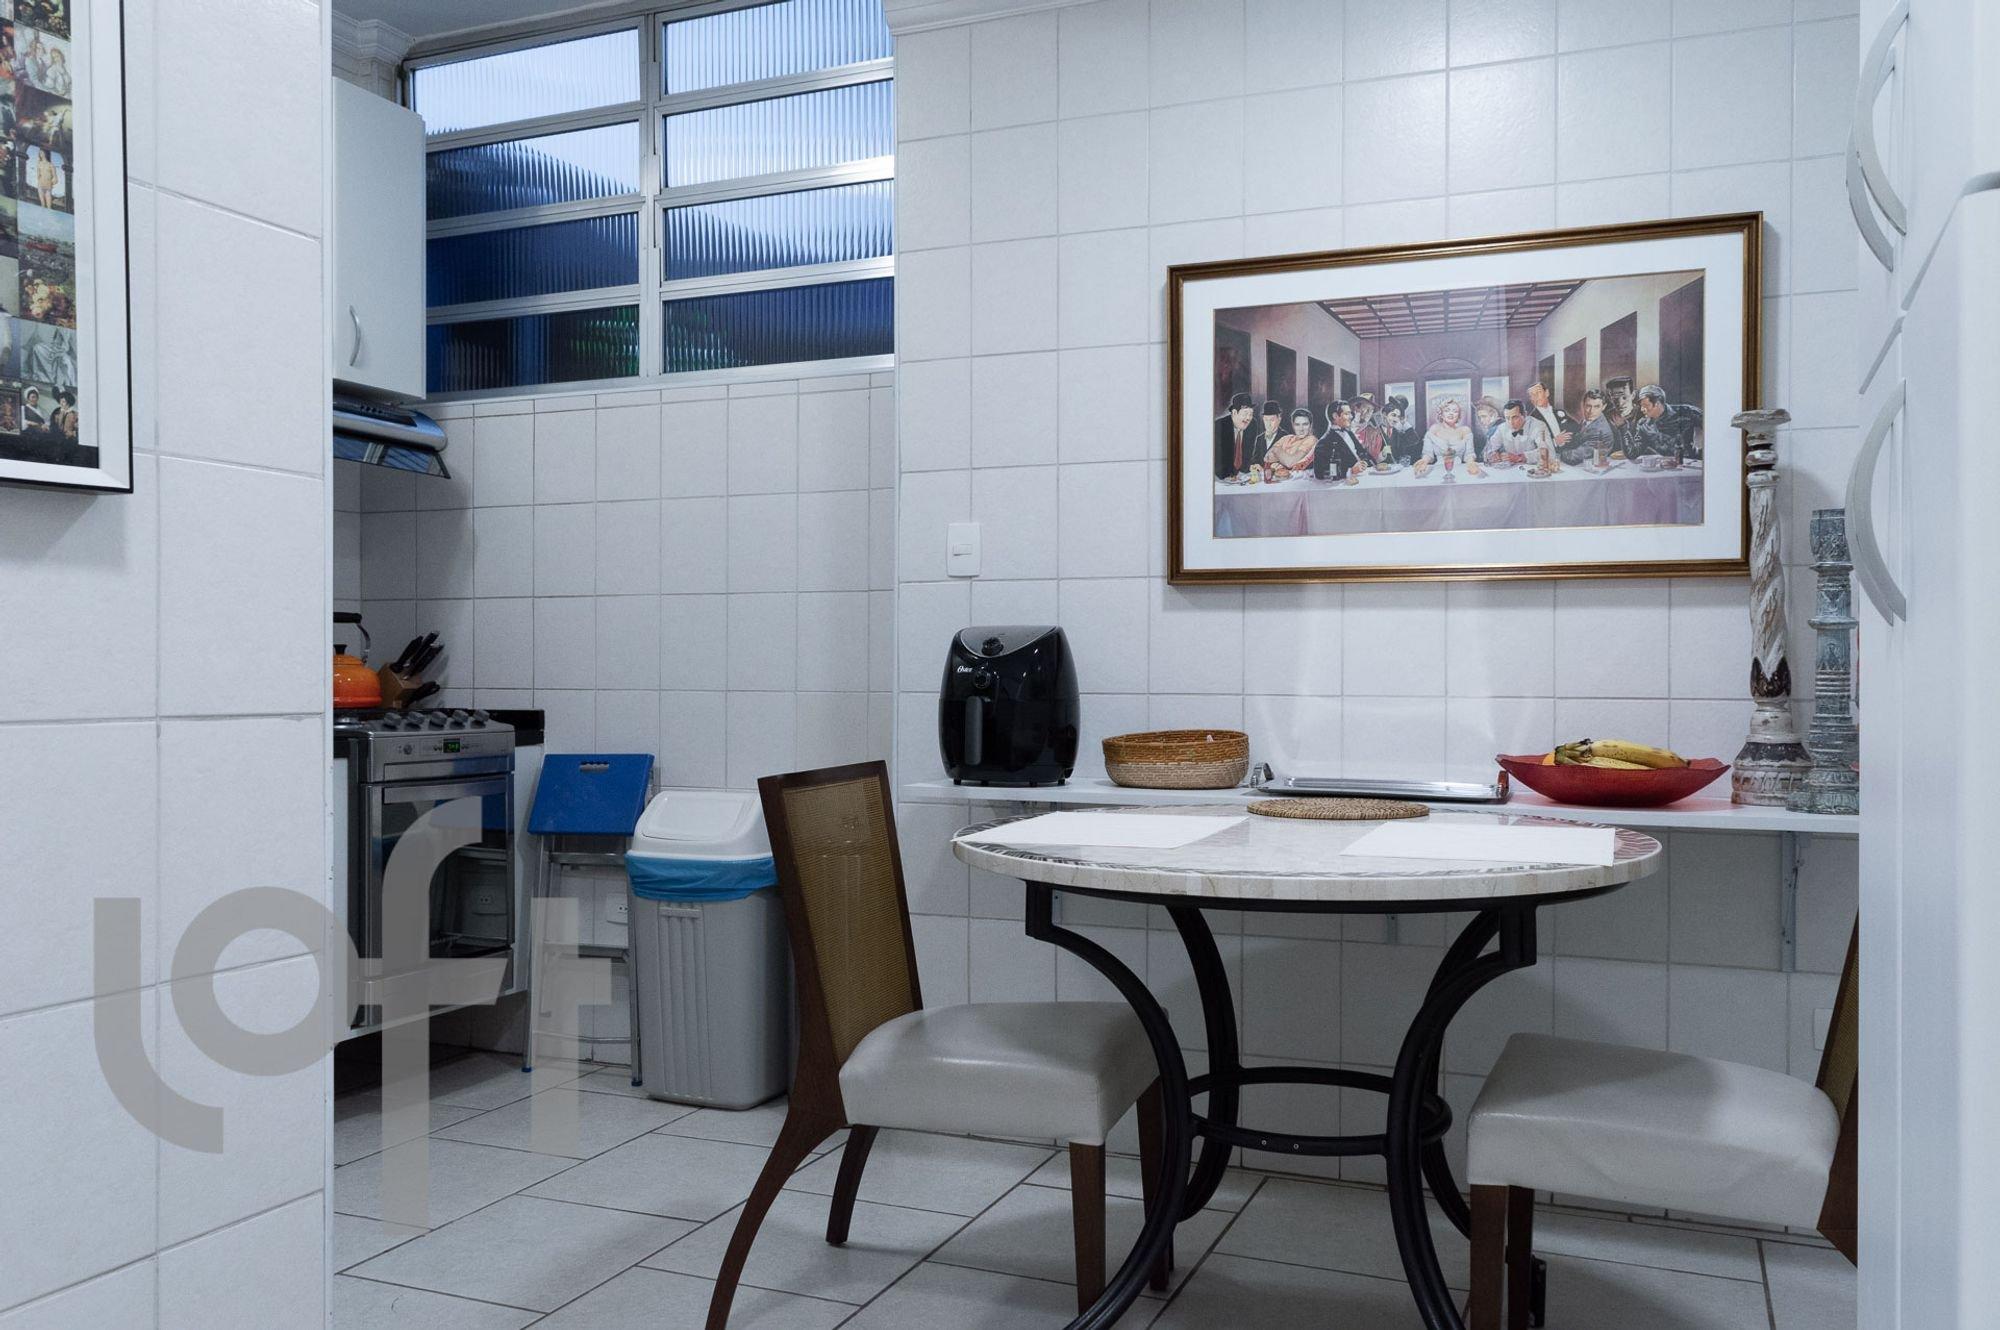 Foto de Cozinha com faca, forno, tigela, cadeira, mesa de jantar